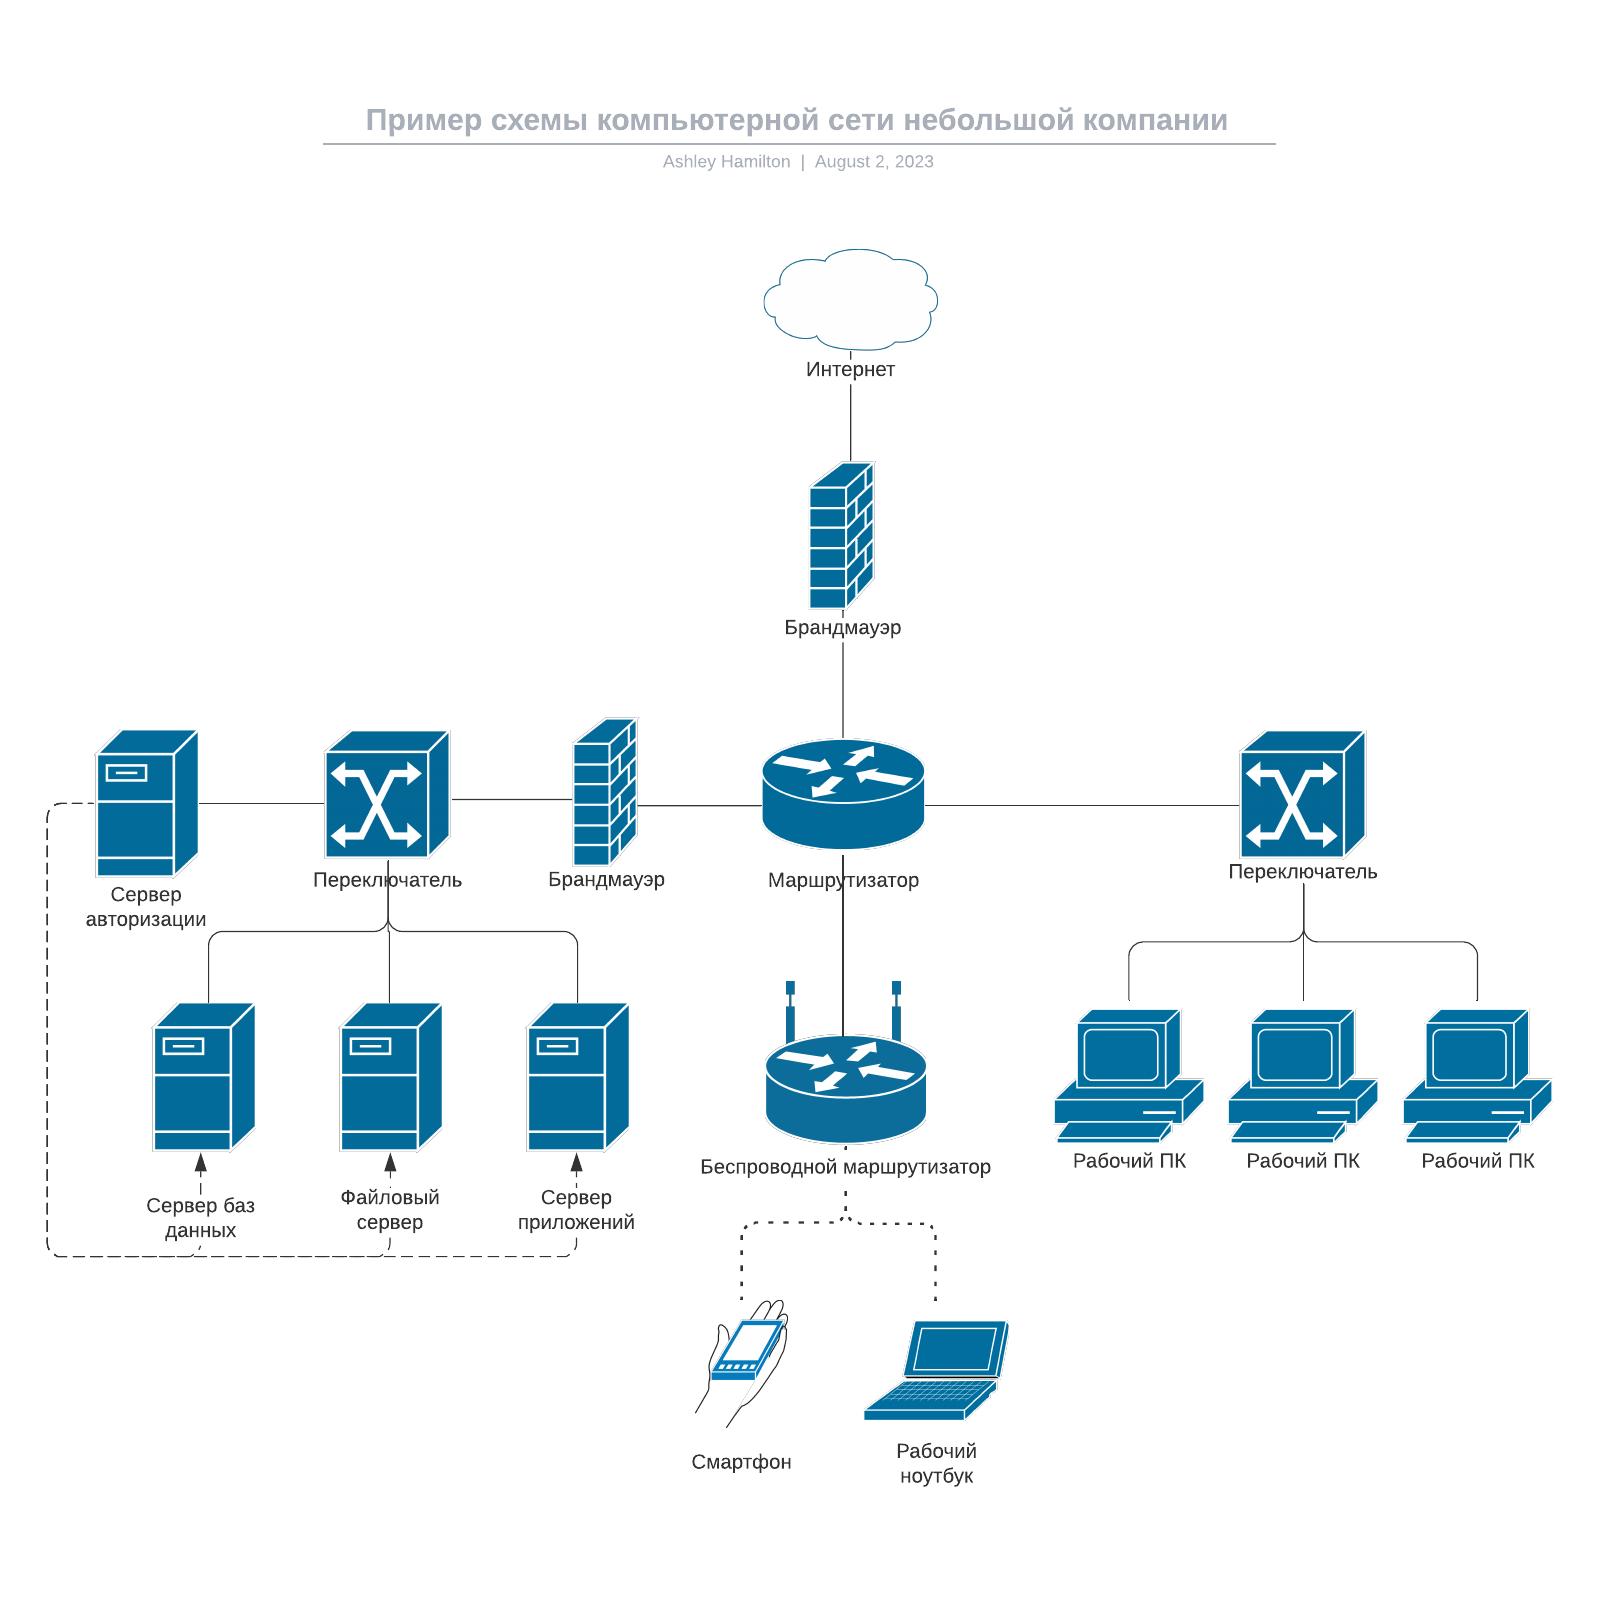 Пример схемы компьютерной сети небольшой компании